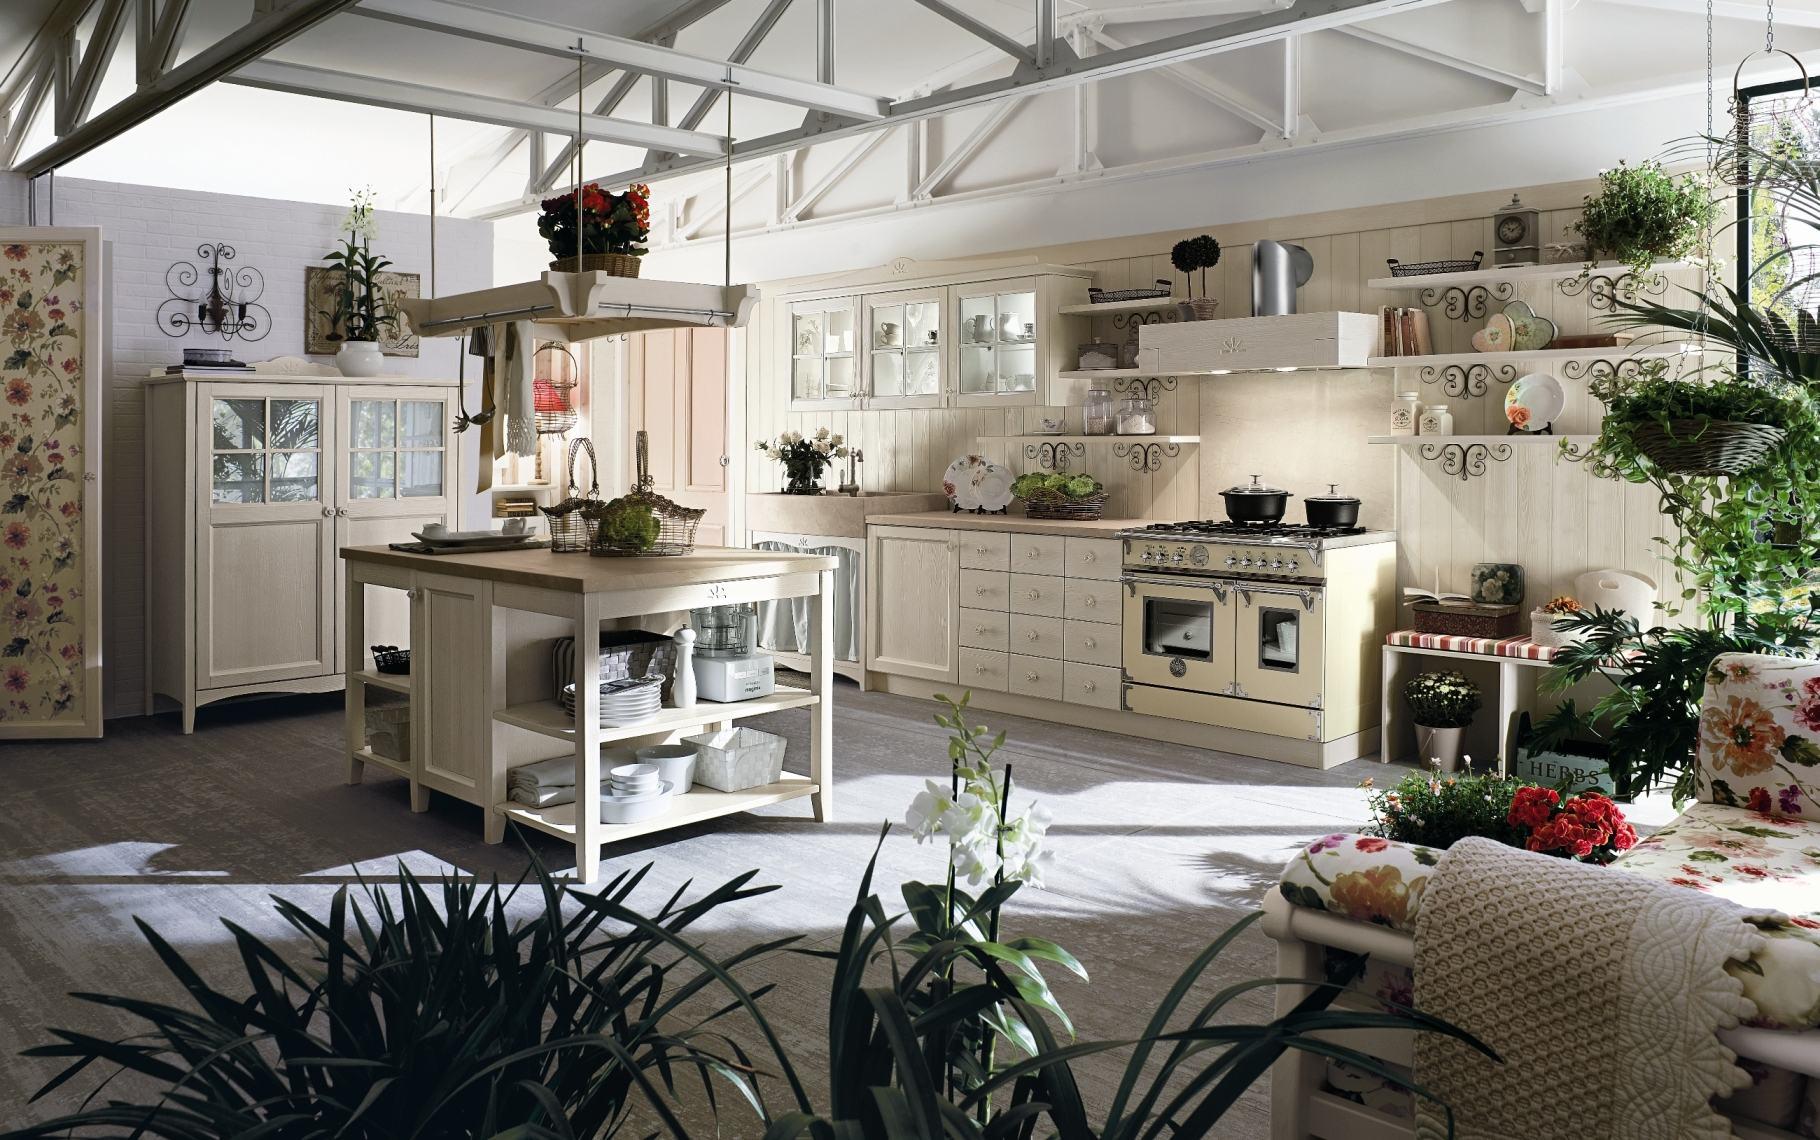 Callesella srl casa italia for Mobili design srl